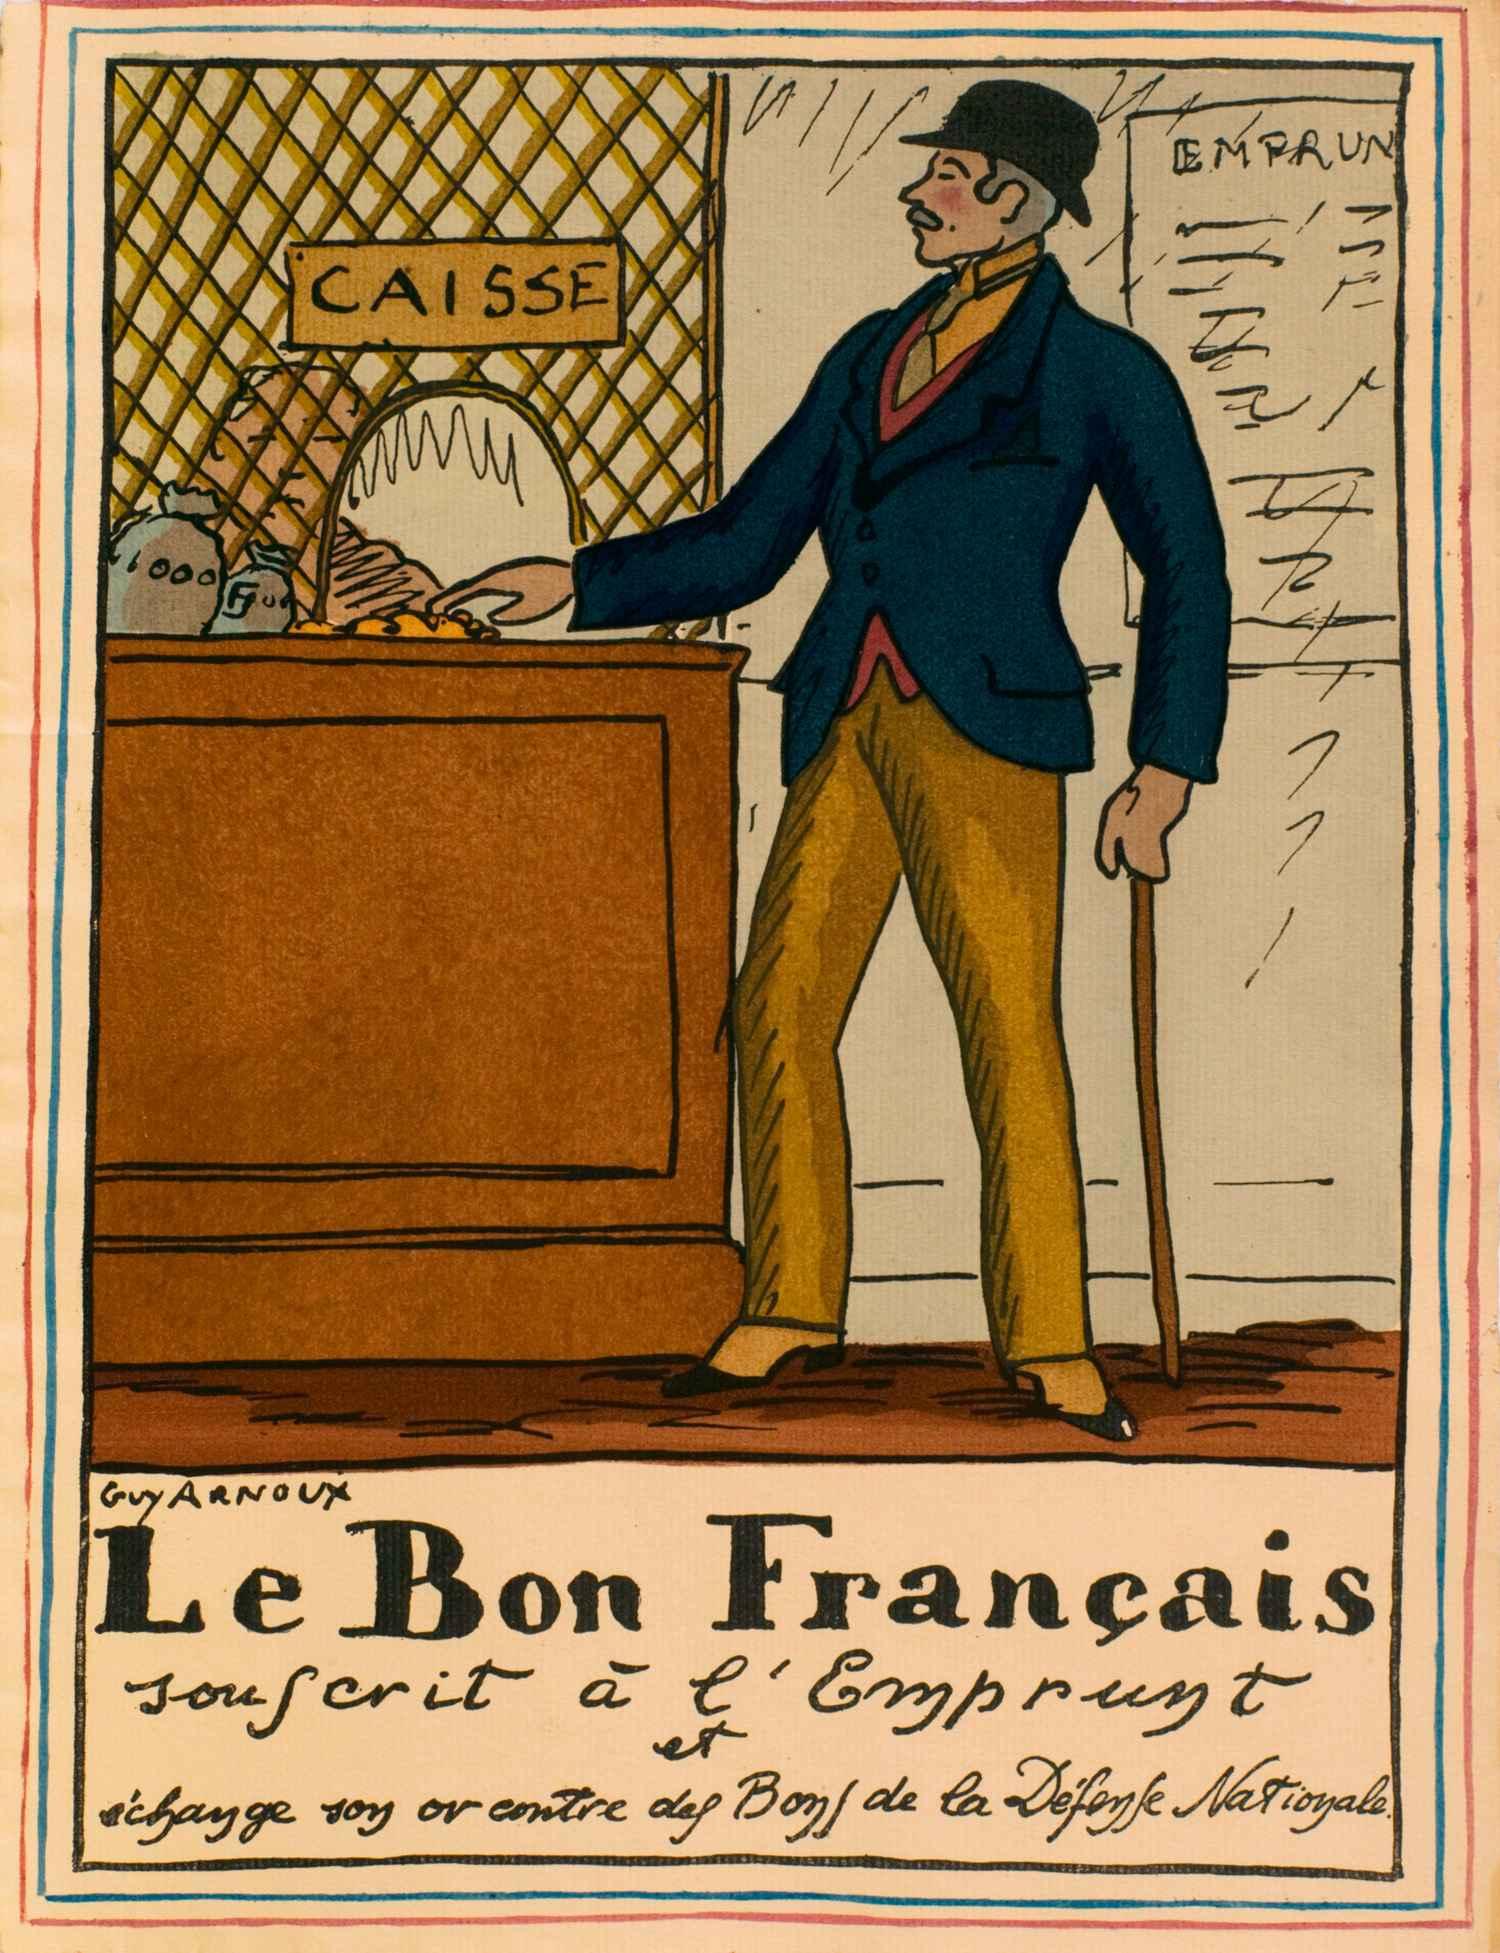 Le bon français souscrit à l'emprunt | Guy Arnoux | Le Bon Français